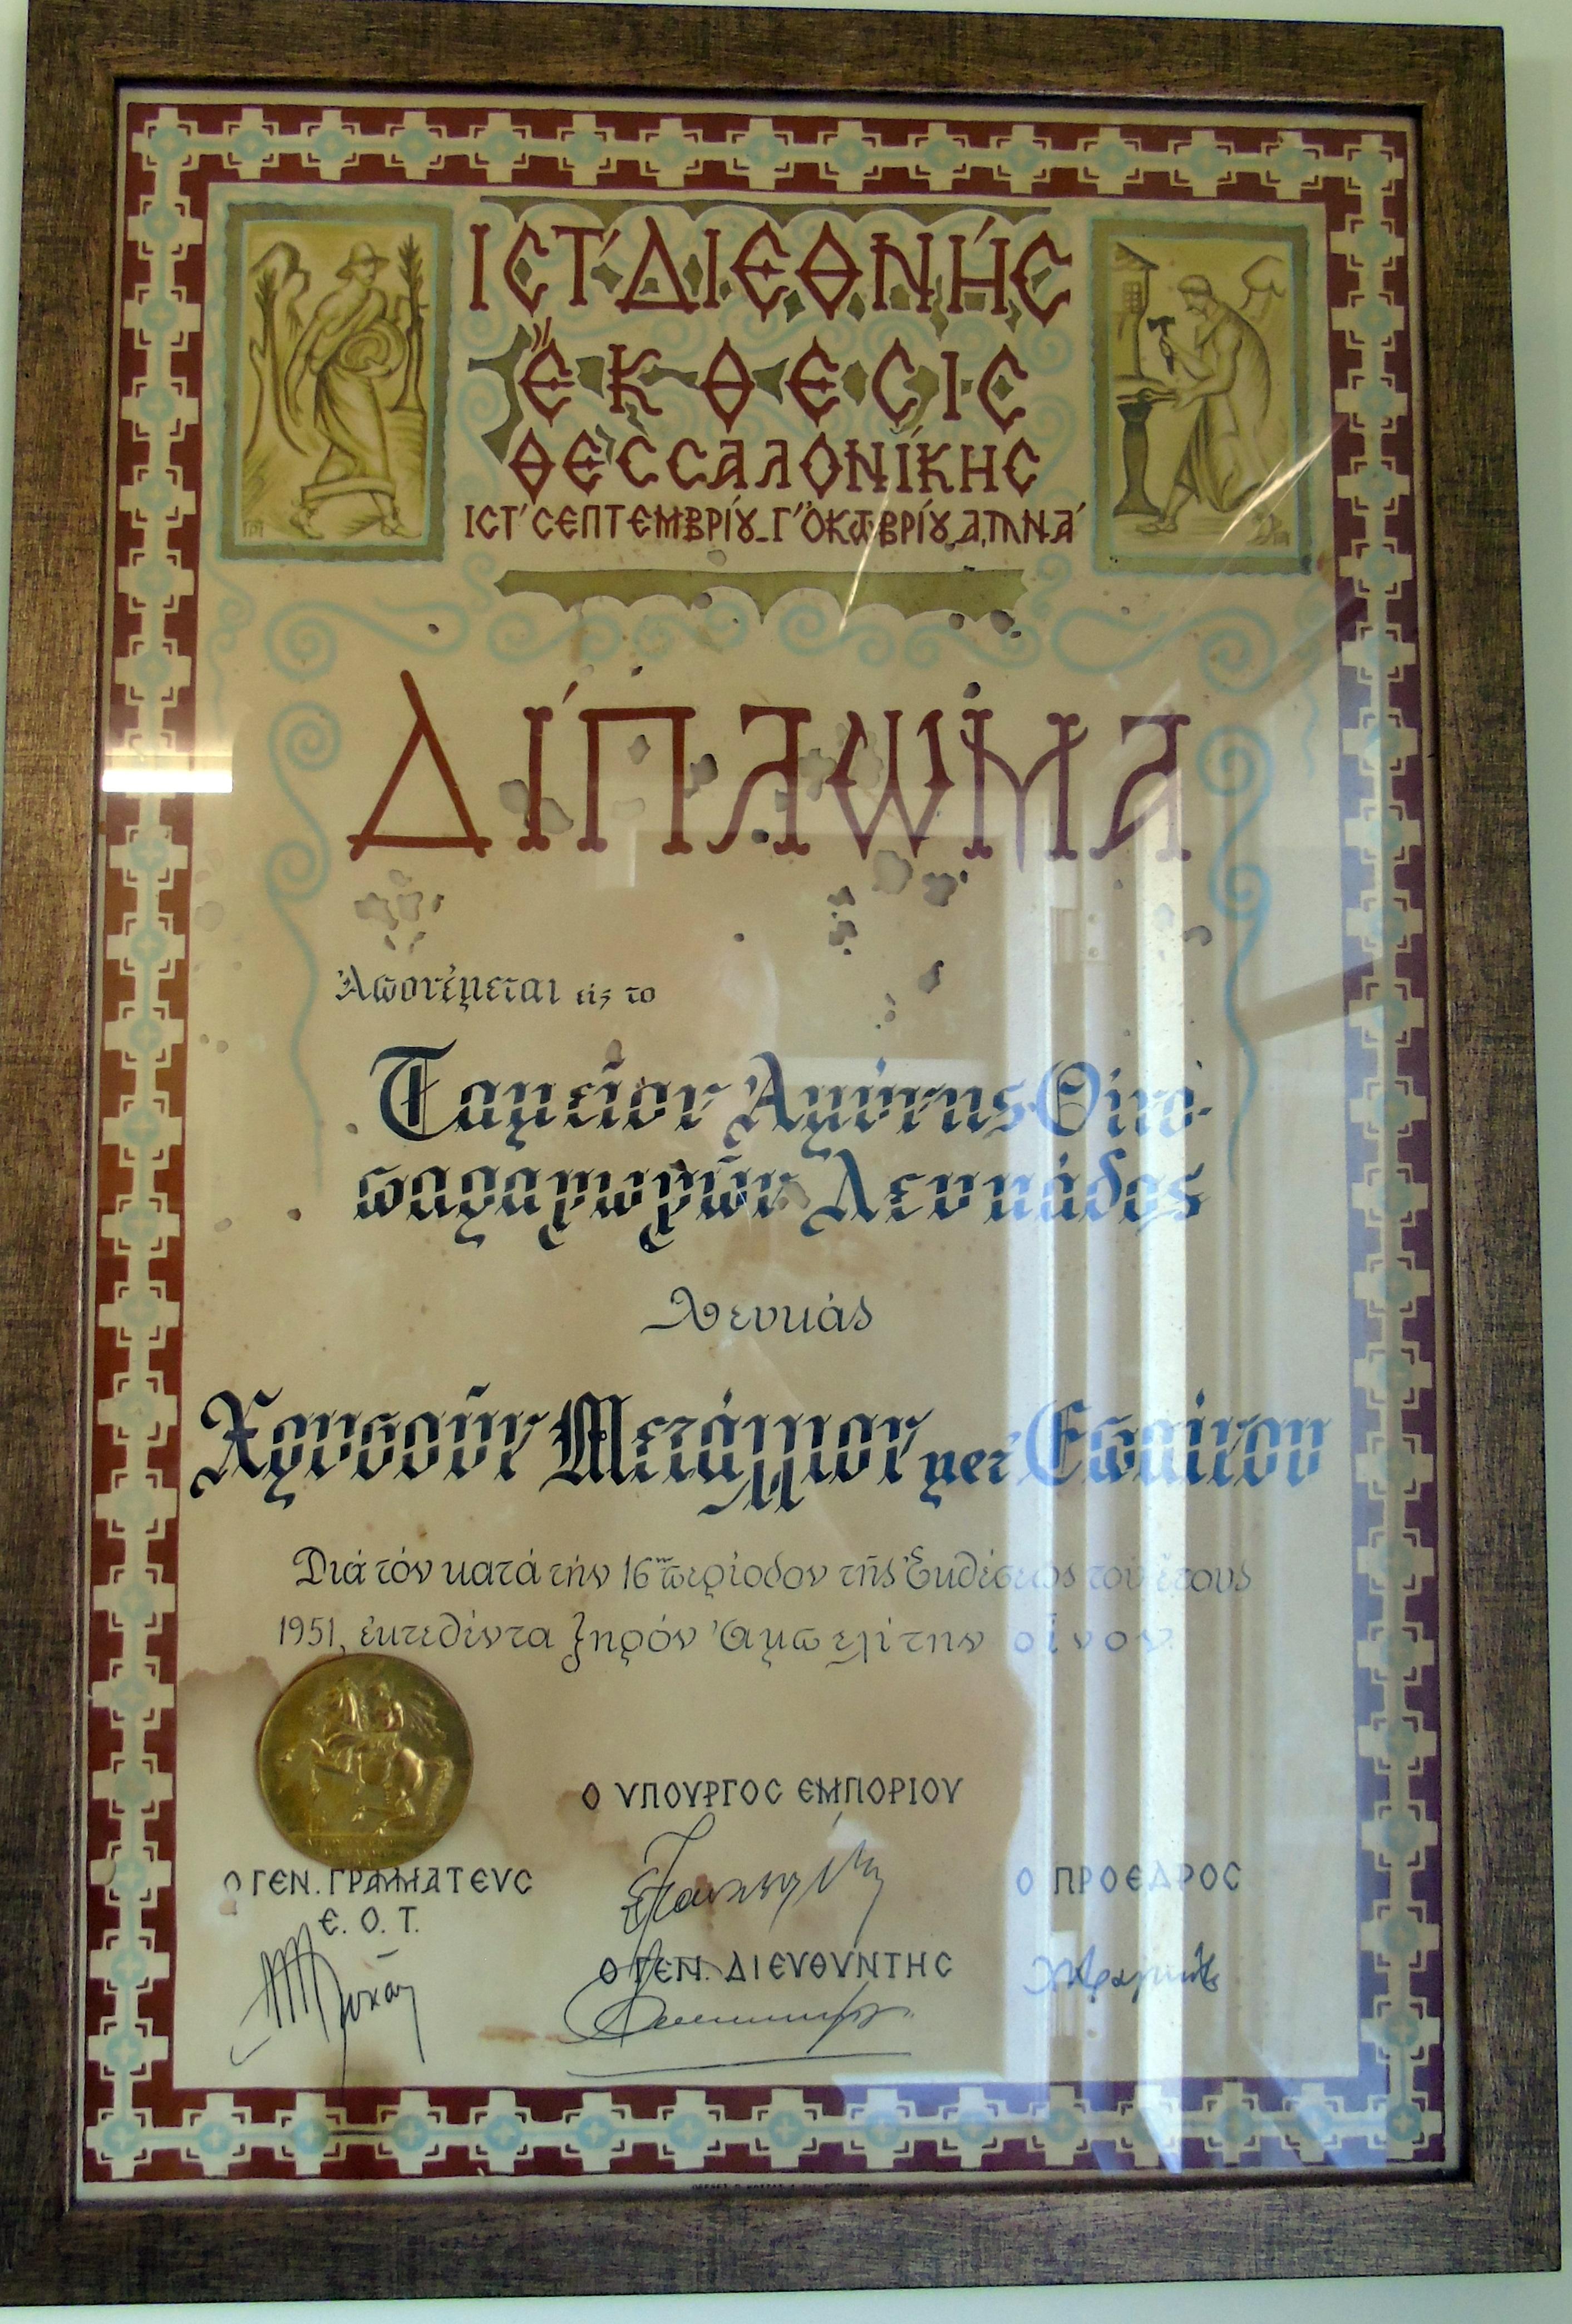 ΔΕΘ_Χρυσούν Μετάλλιον μετ΄ Επαίνου_ΤΑΟΛ_1951_2